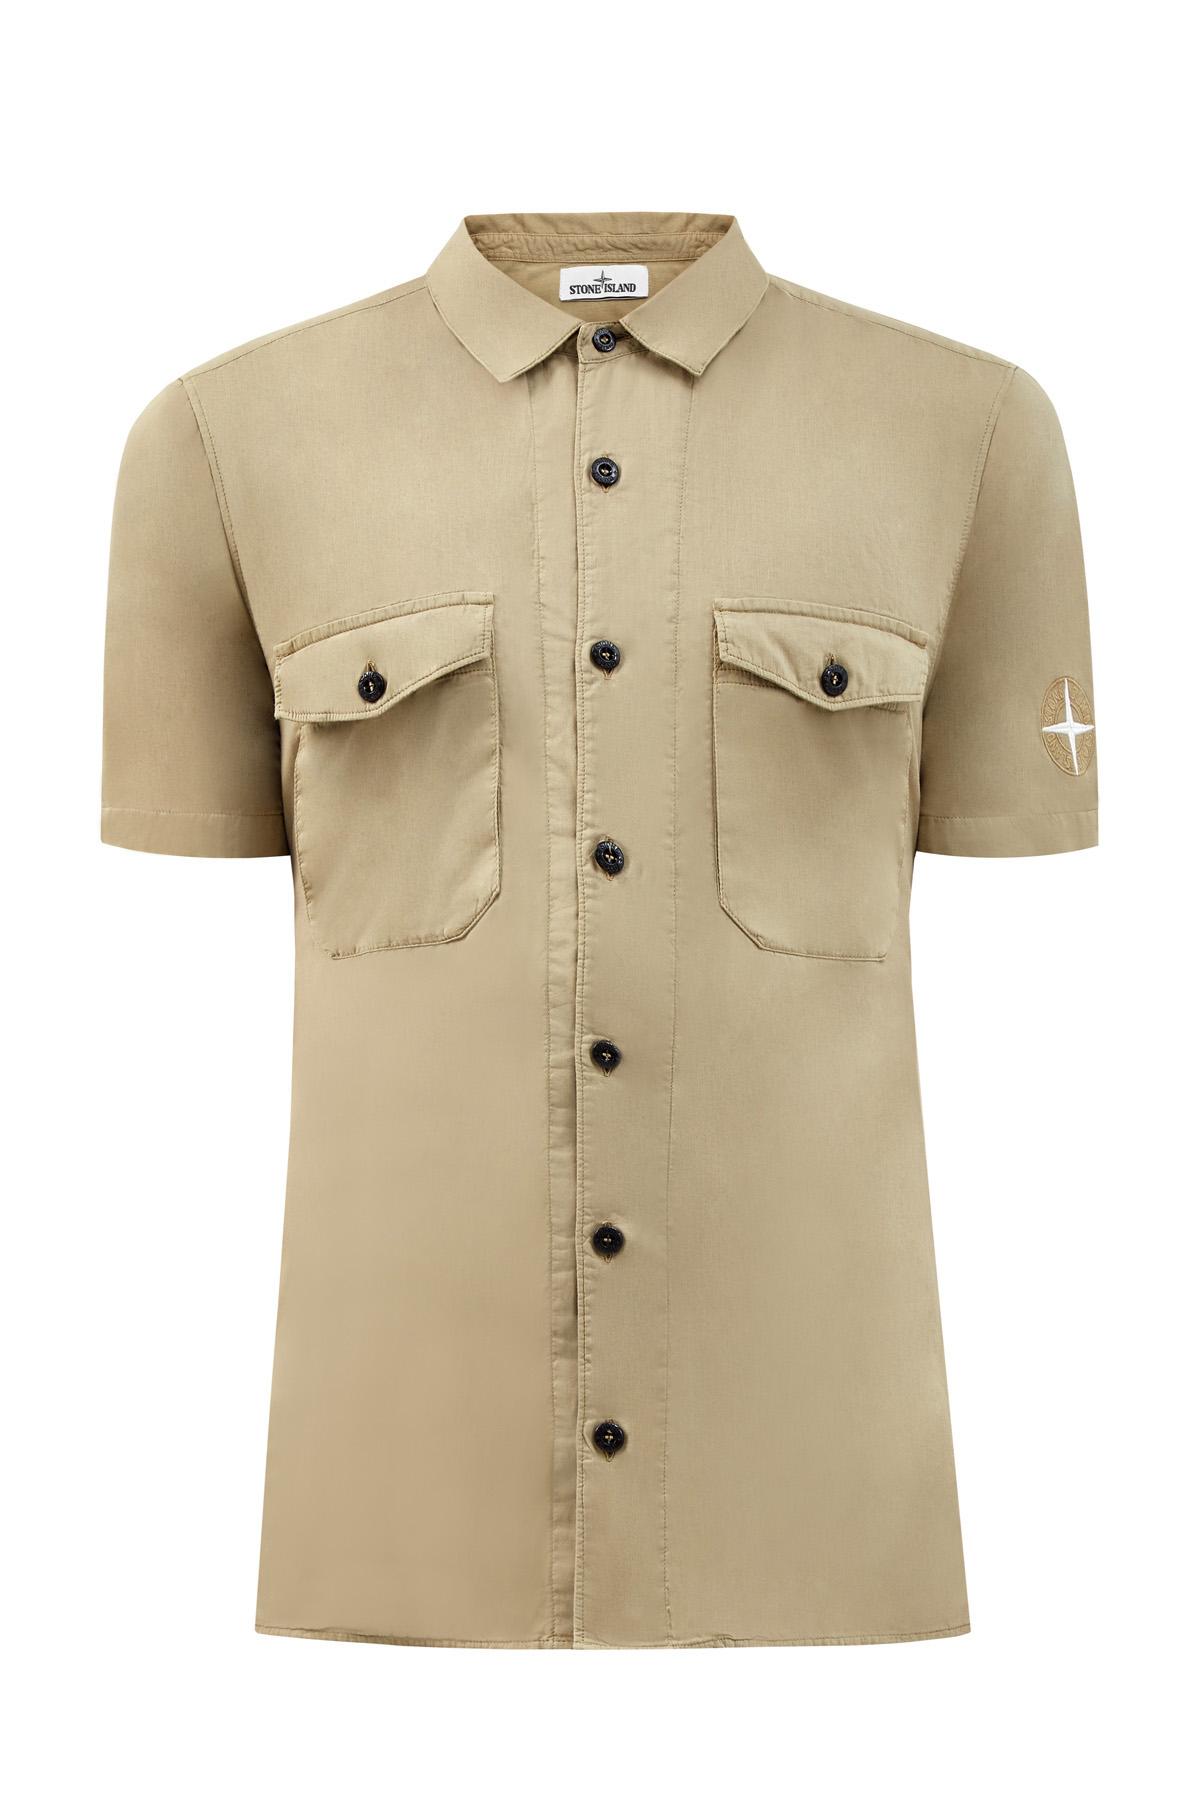 Хлопковая рубашка излегкого муслина скороткими рукавами